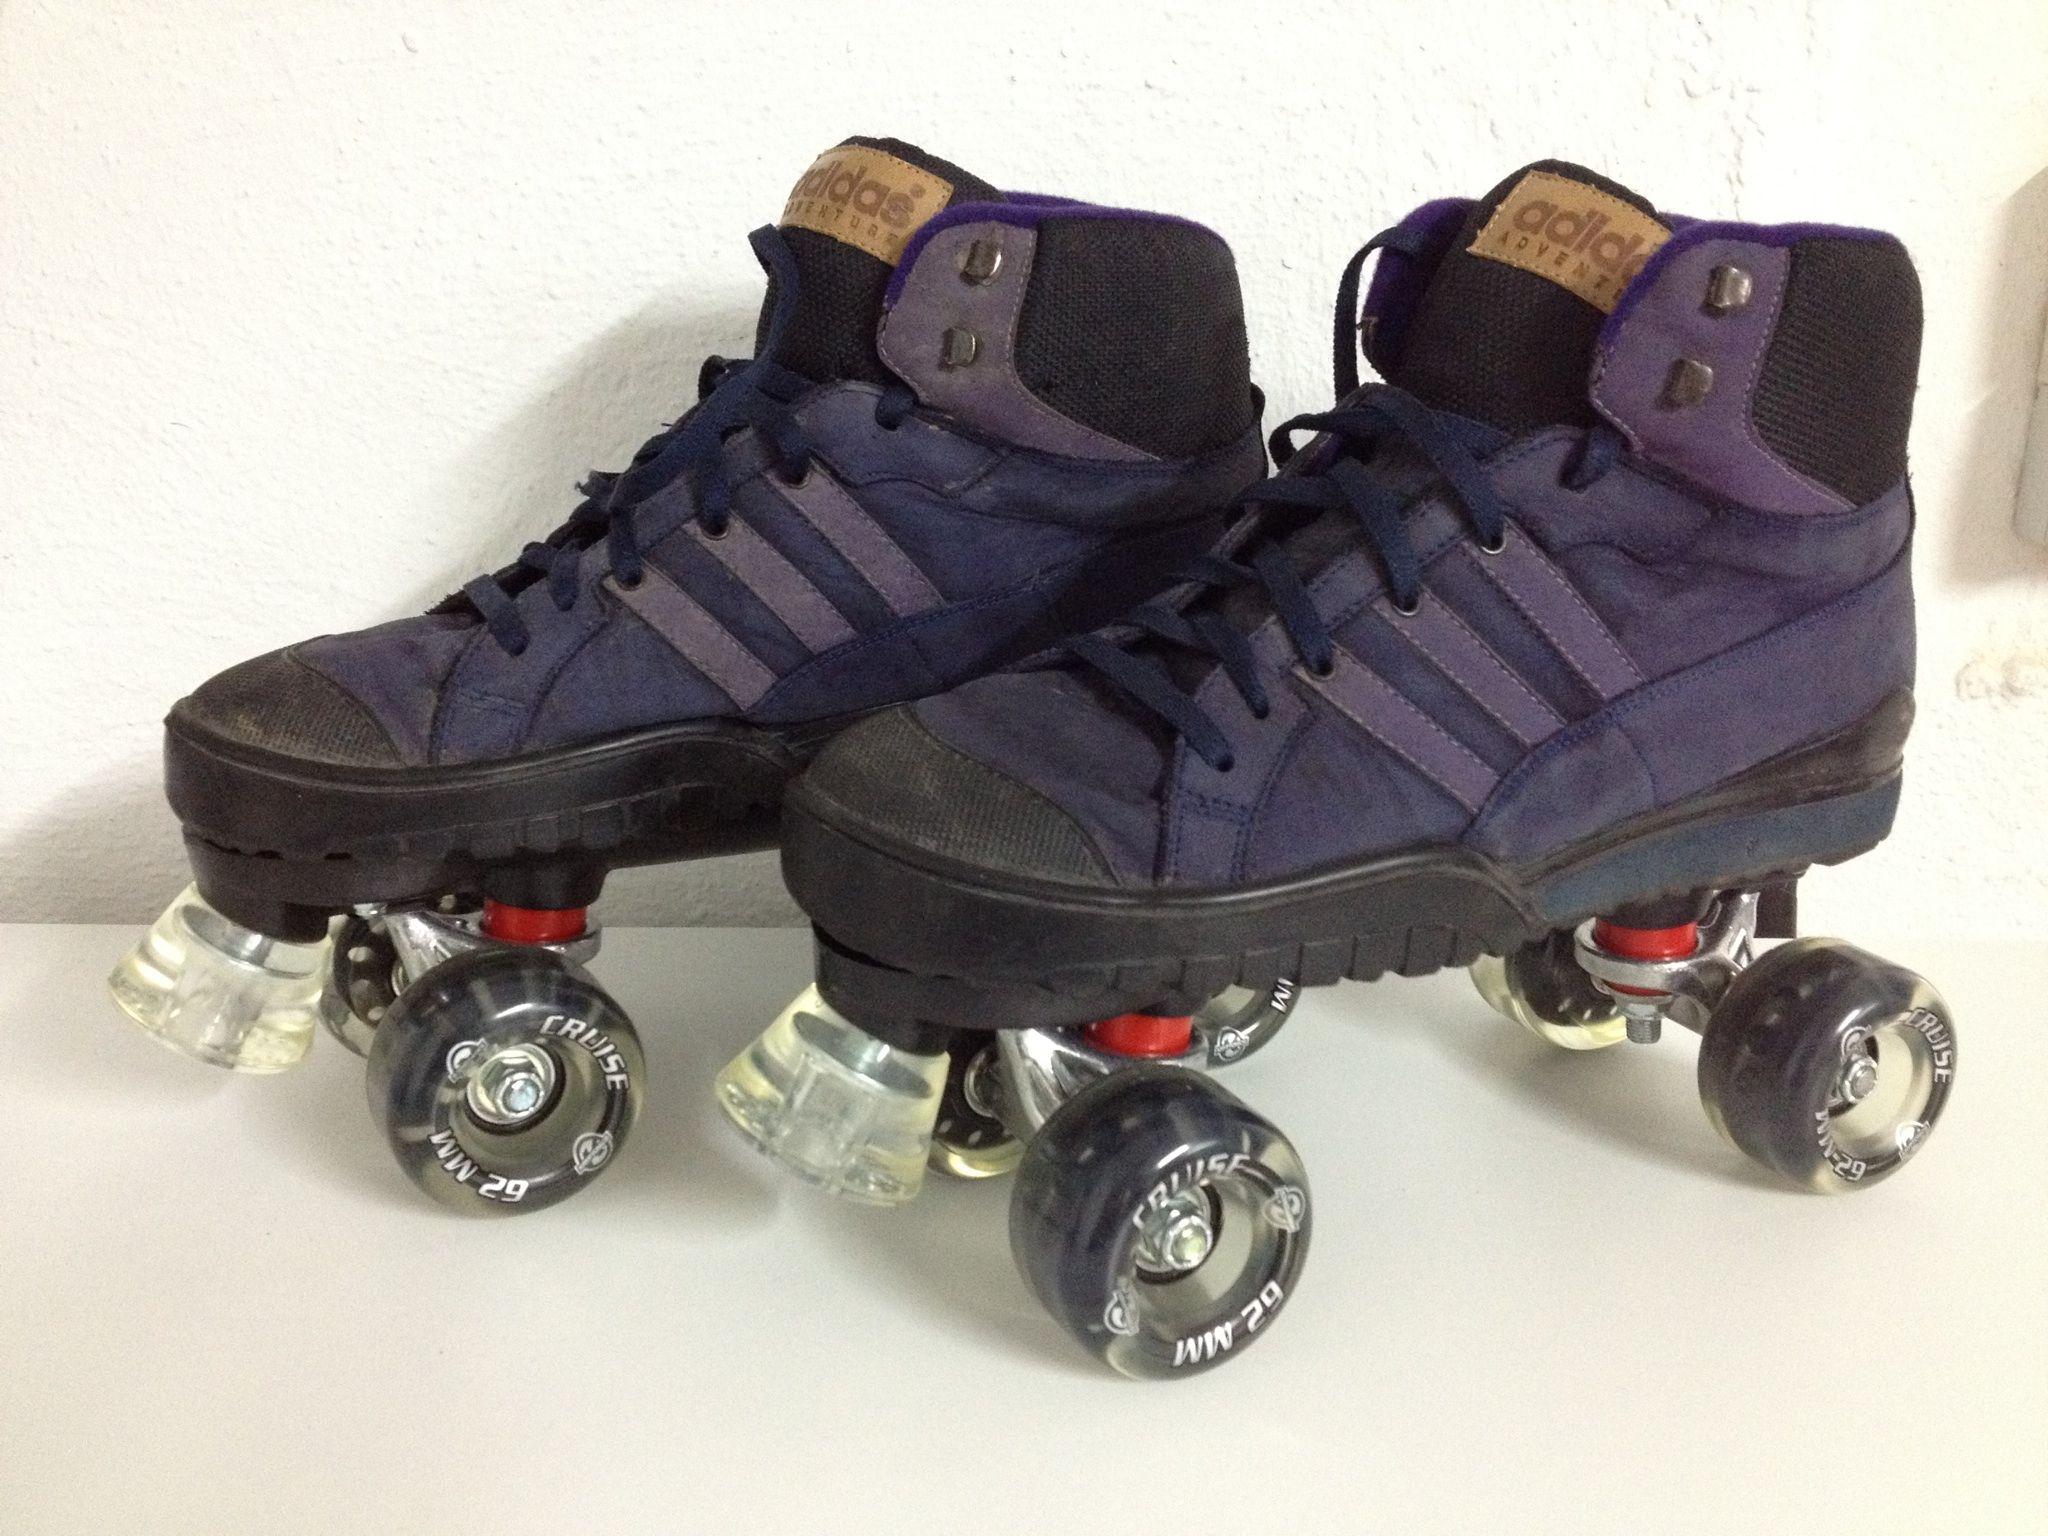 Adidas skate made by. Rollschuhe.de